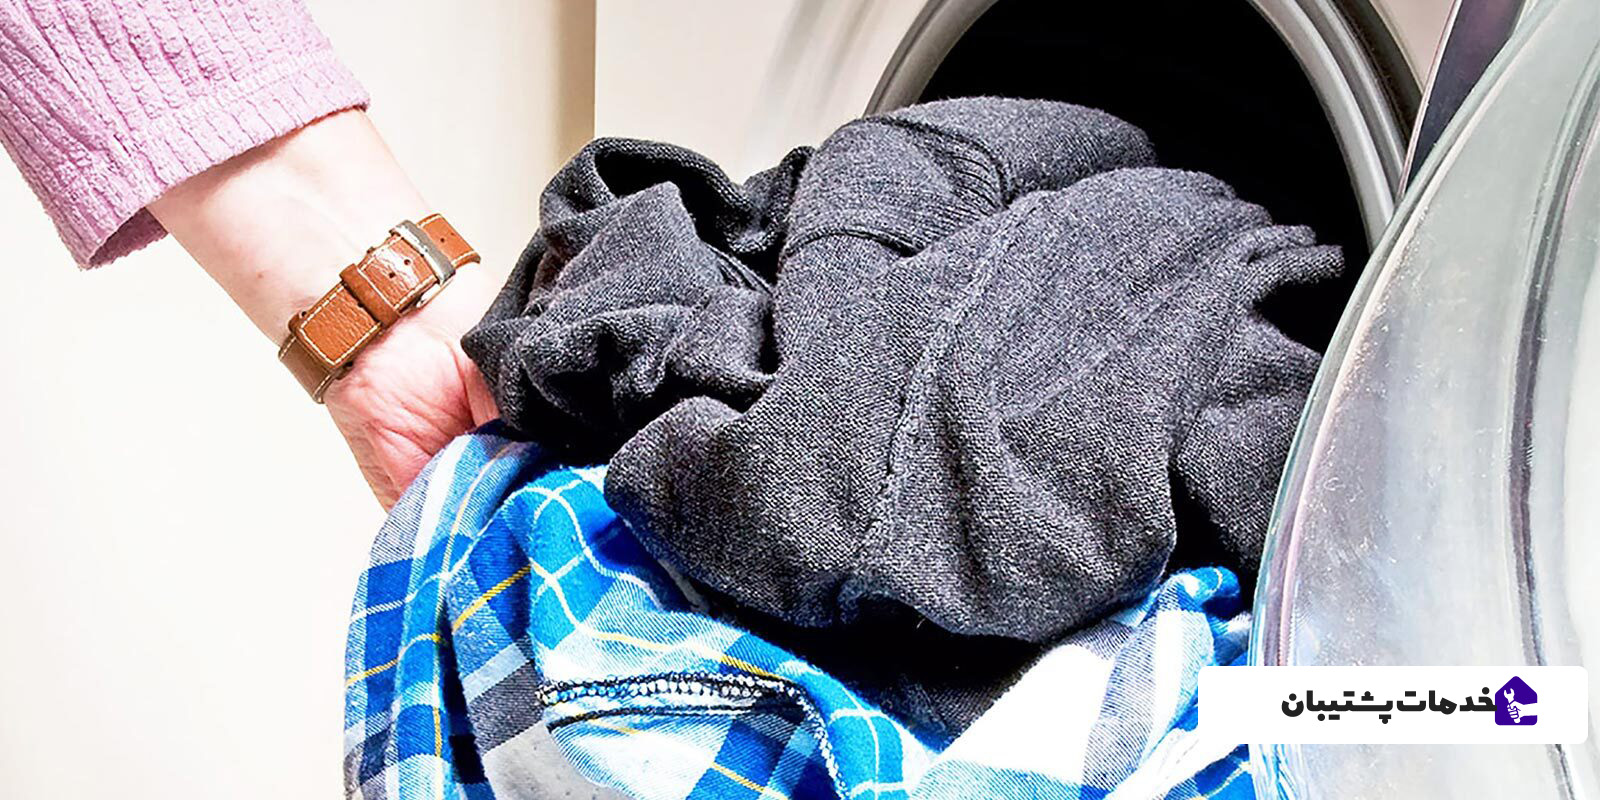 راهکارهای جلوگیری از چروک شدن لباس ها در ماشین لباسشویی